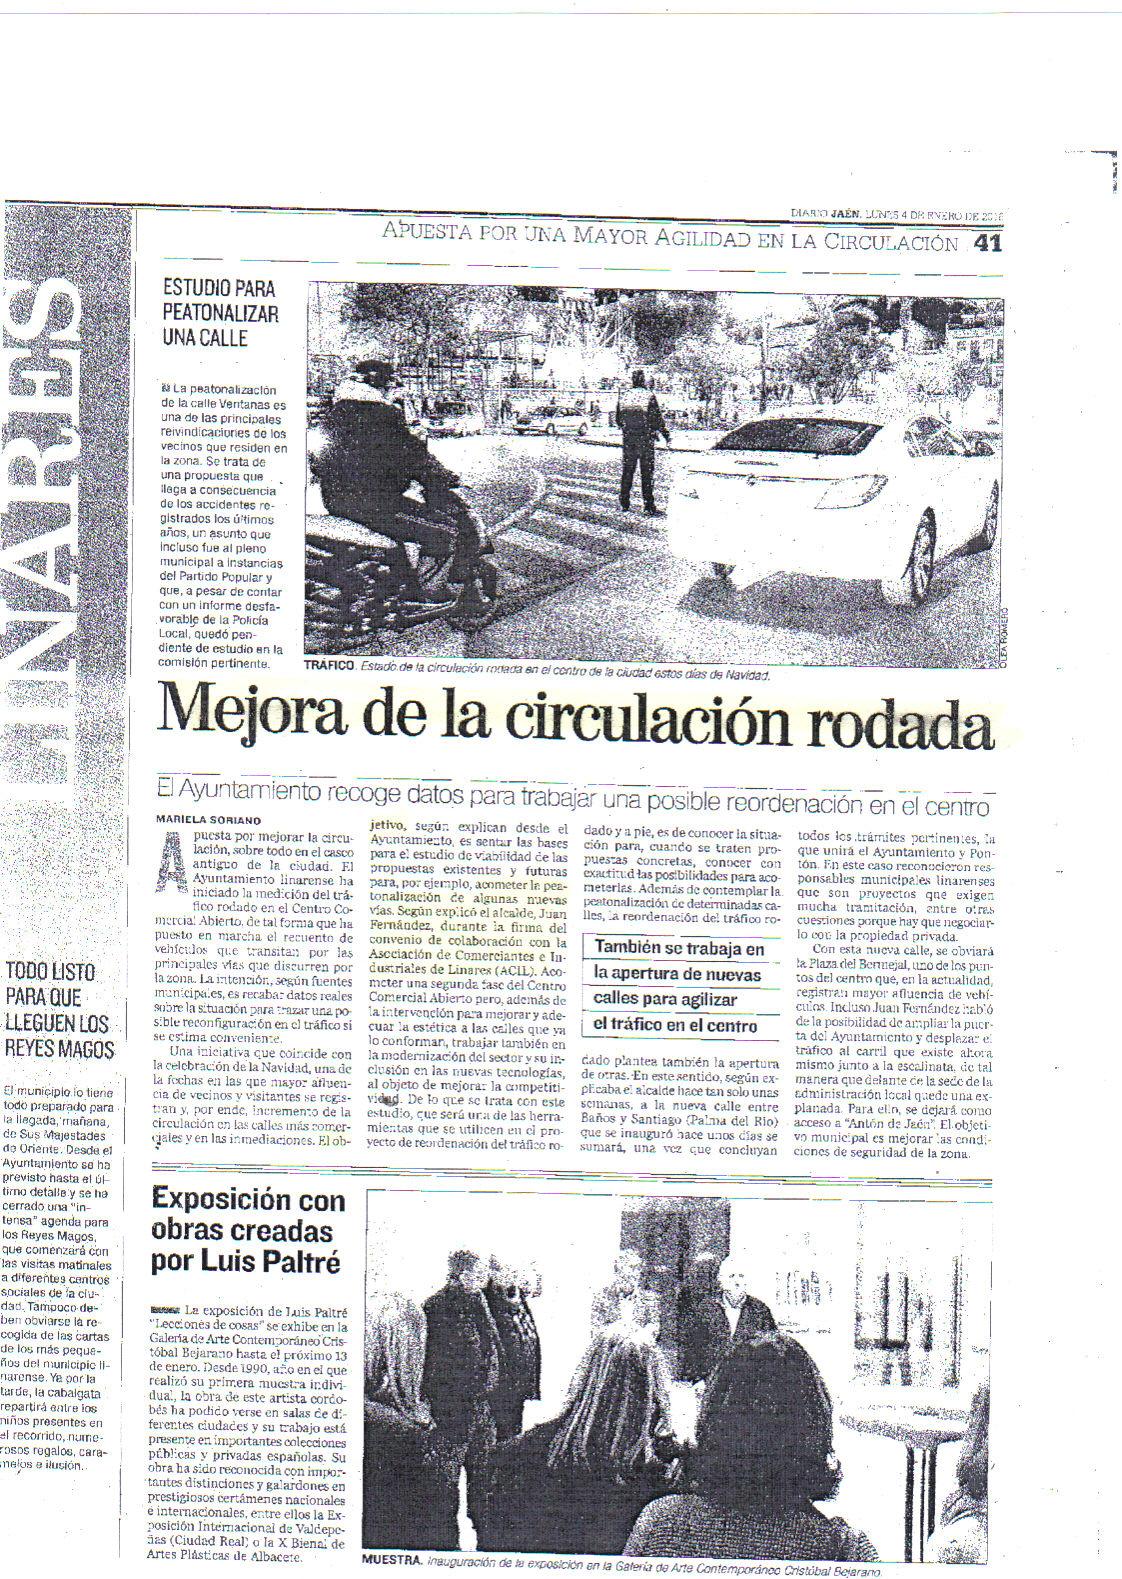 Mejora de la Circulación Rodada. Prensa Jaén 4 enero